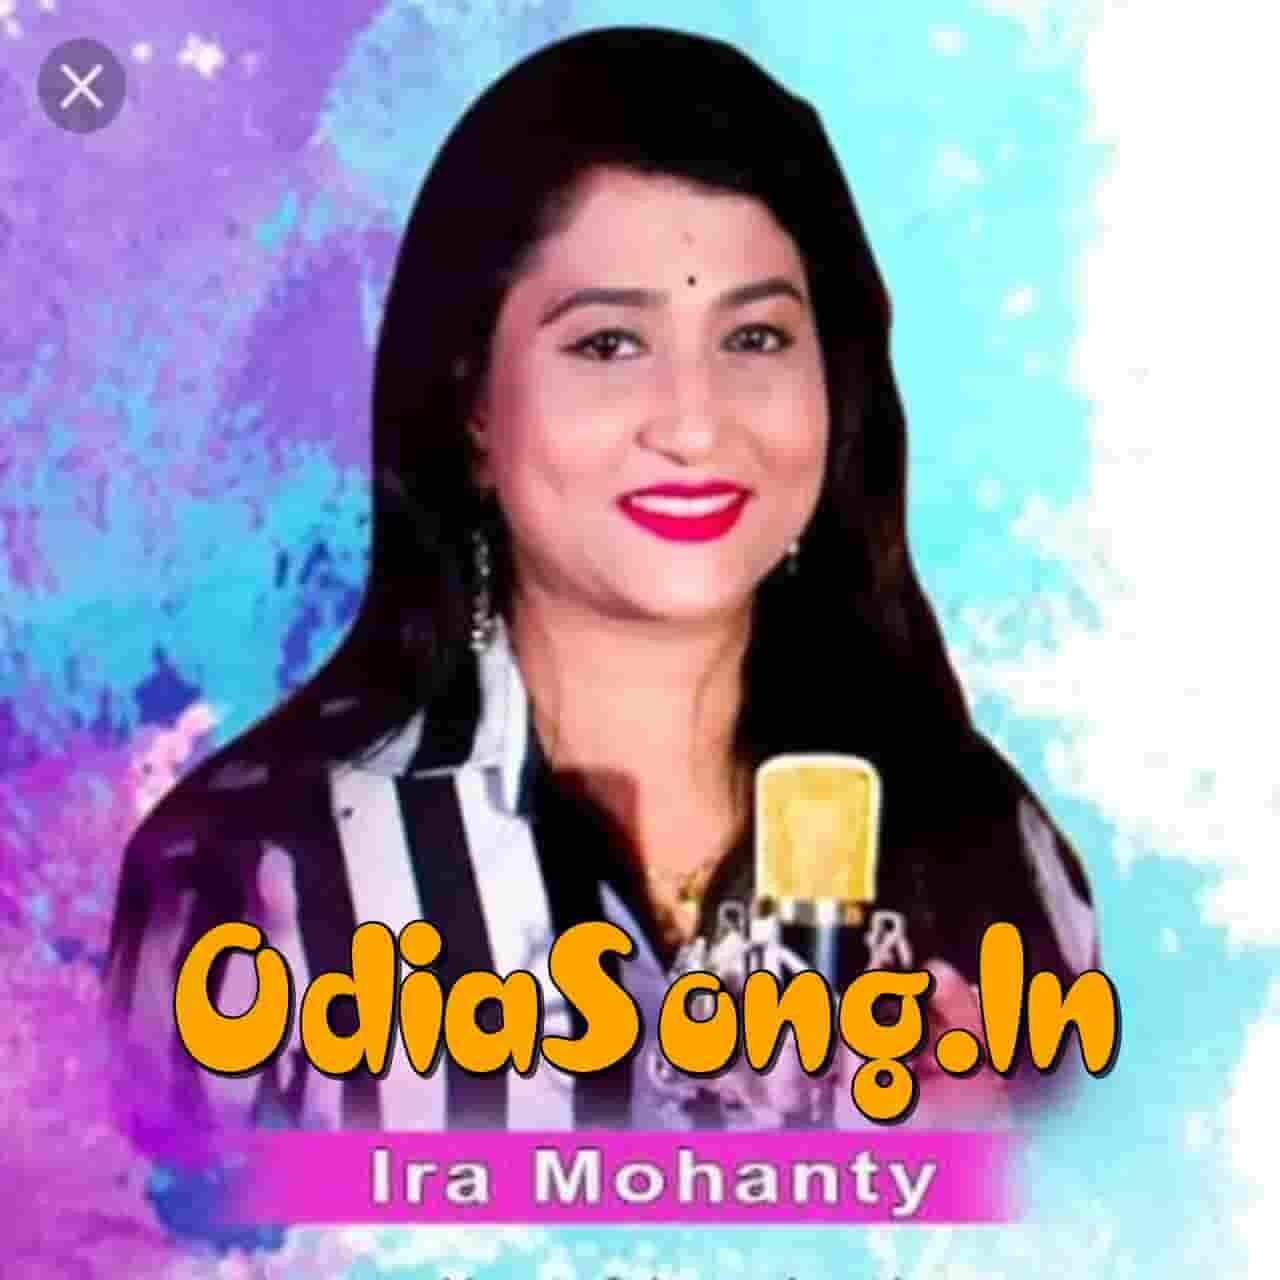 Mun Made in Odisha (Ira Mohanty)